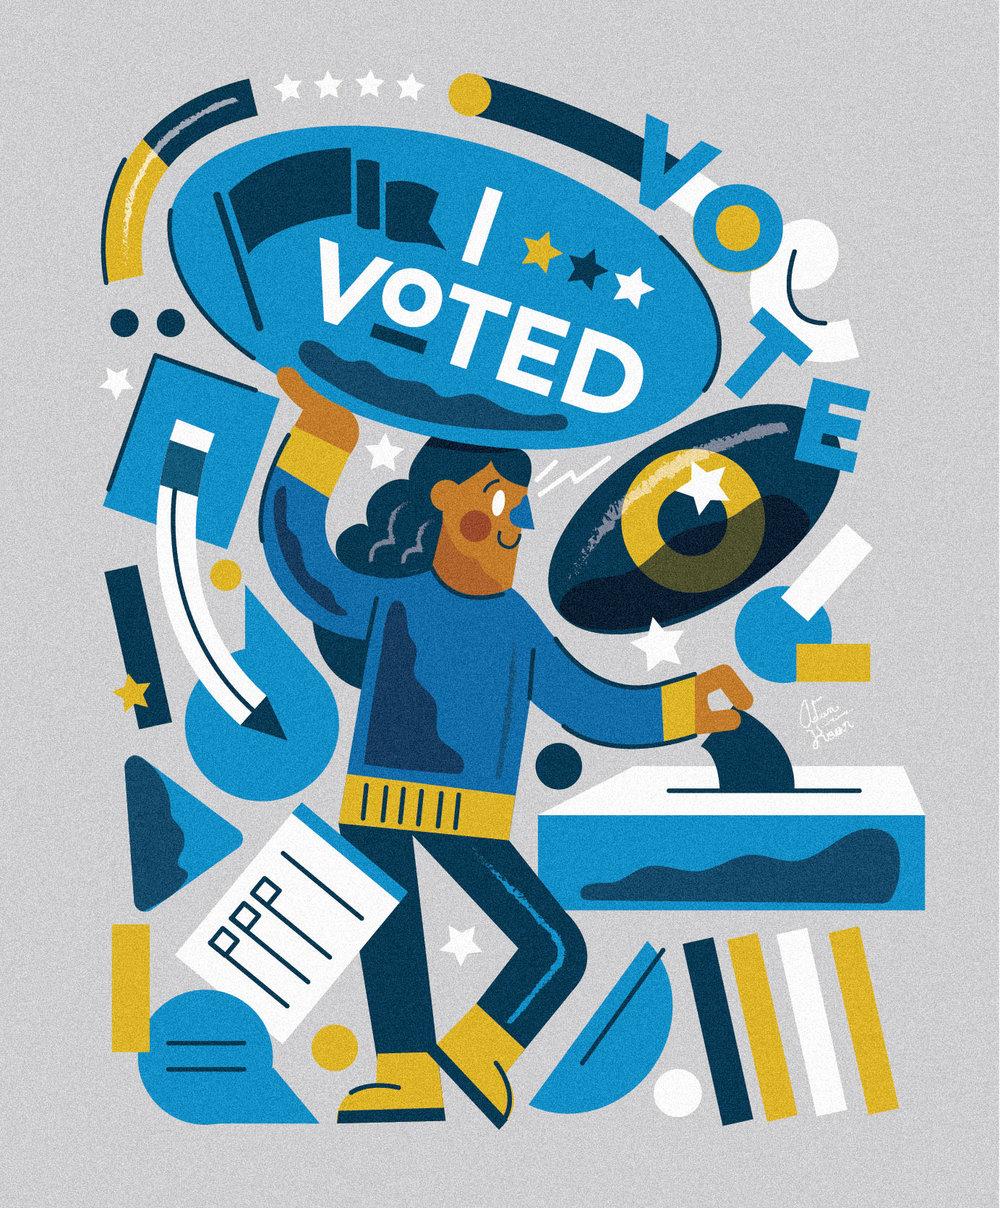 VOTE-01.jpg